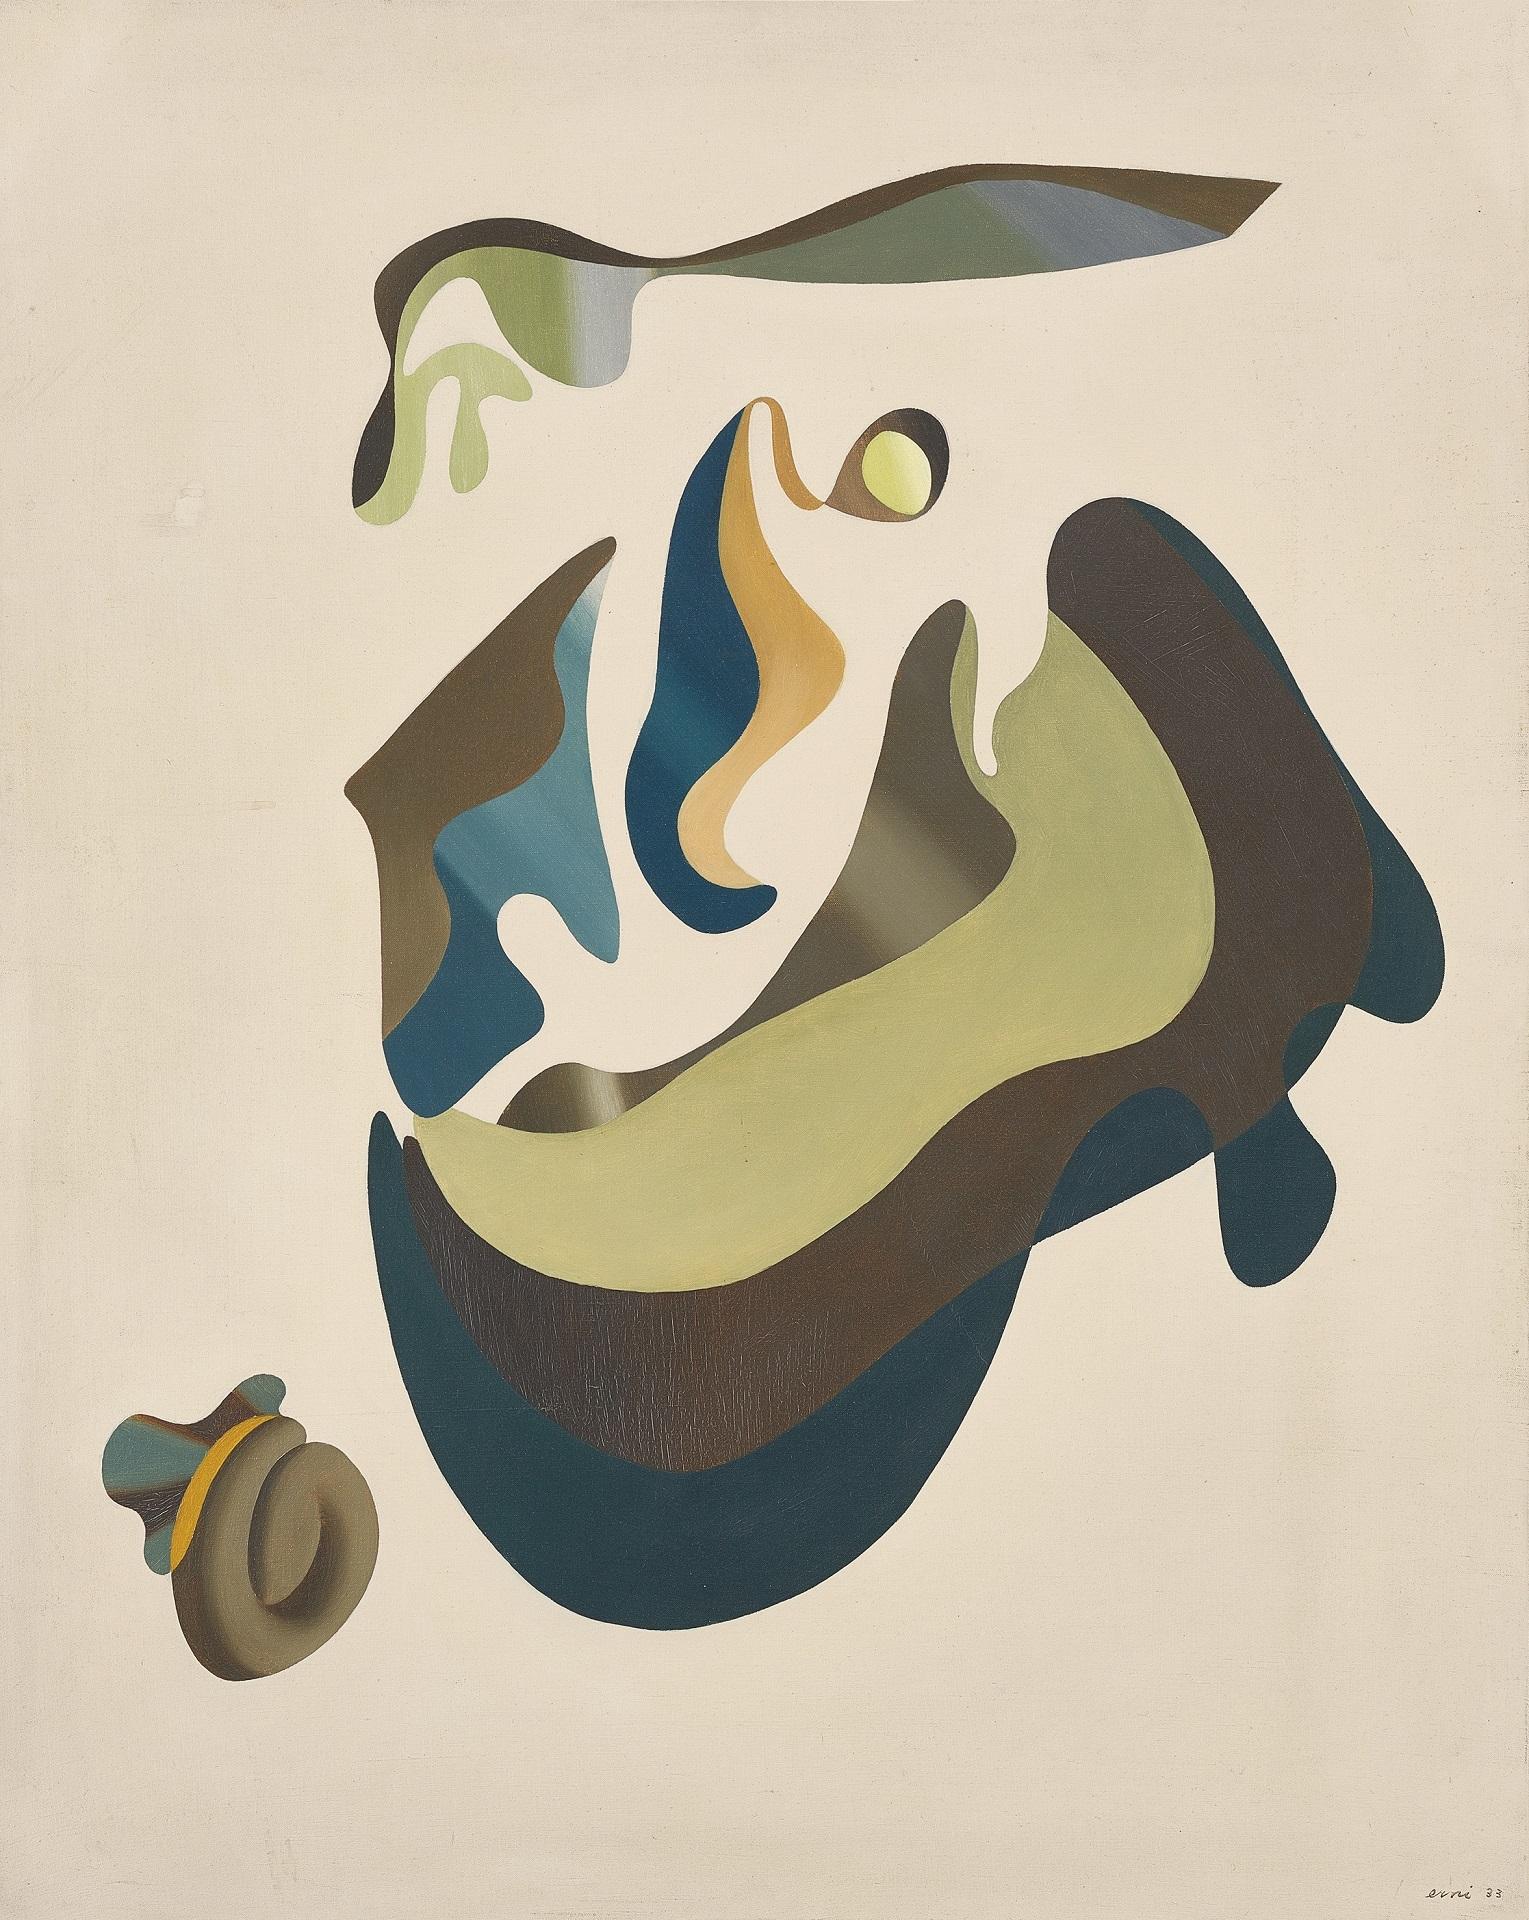 Erni Hans, Composition